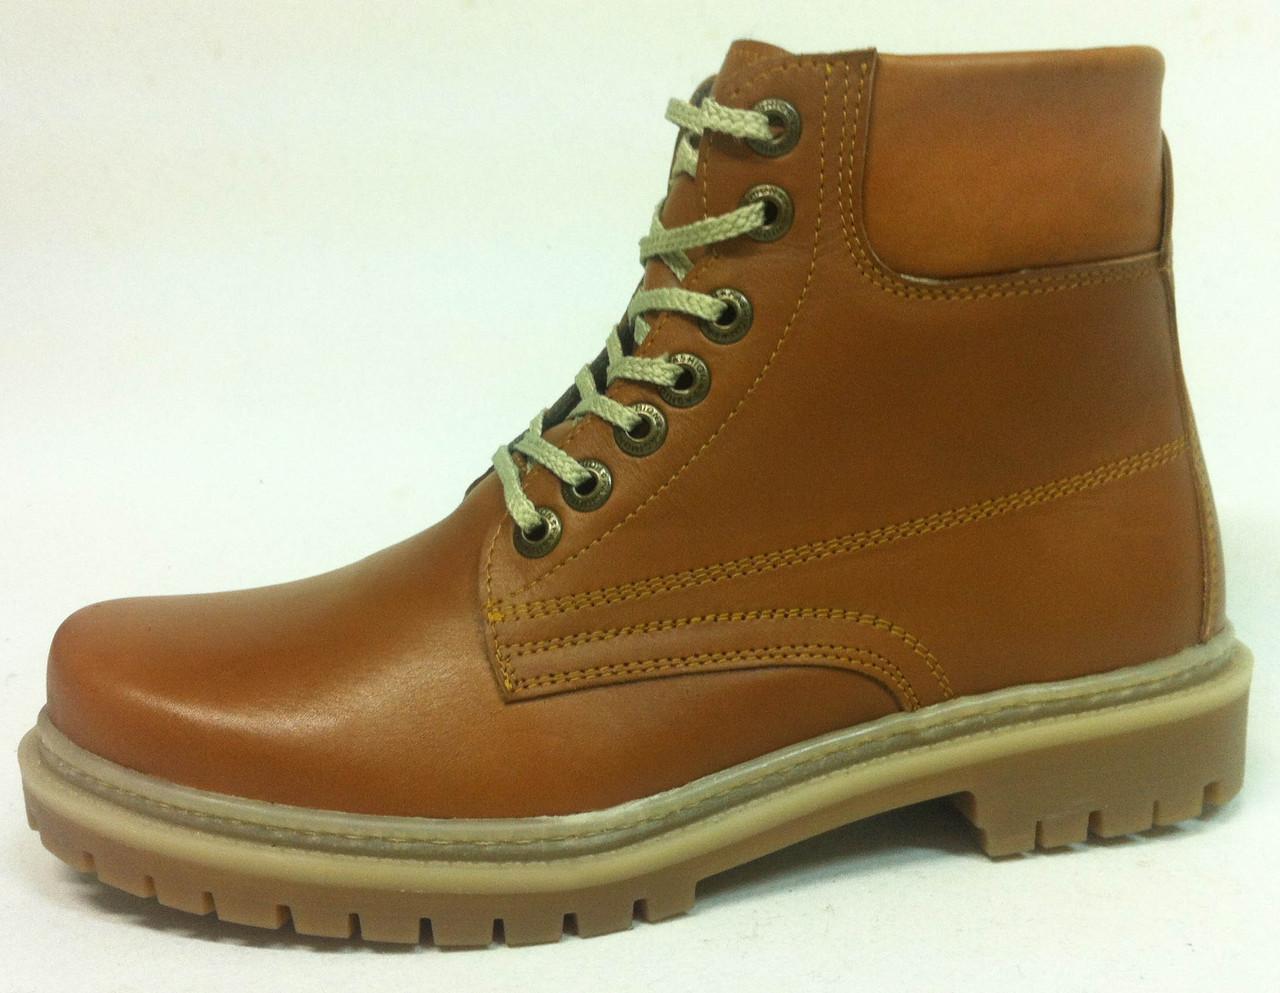 Ботинки Тимбер. От производителя e7f6c7a09f973